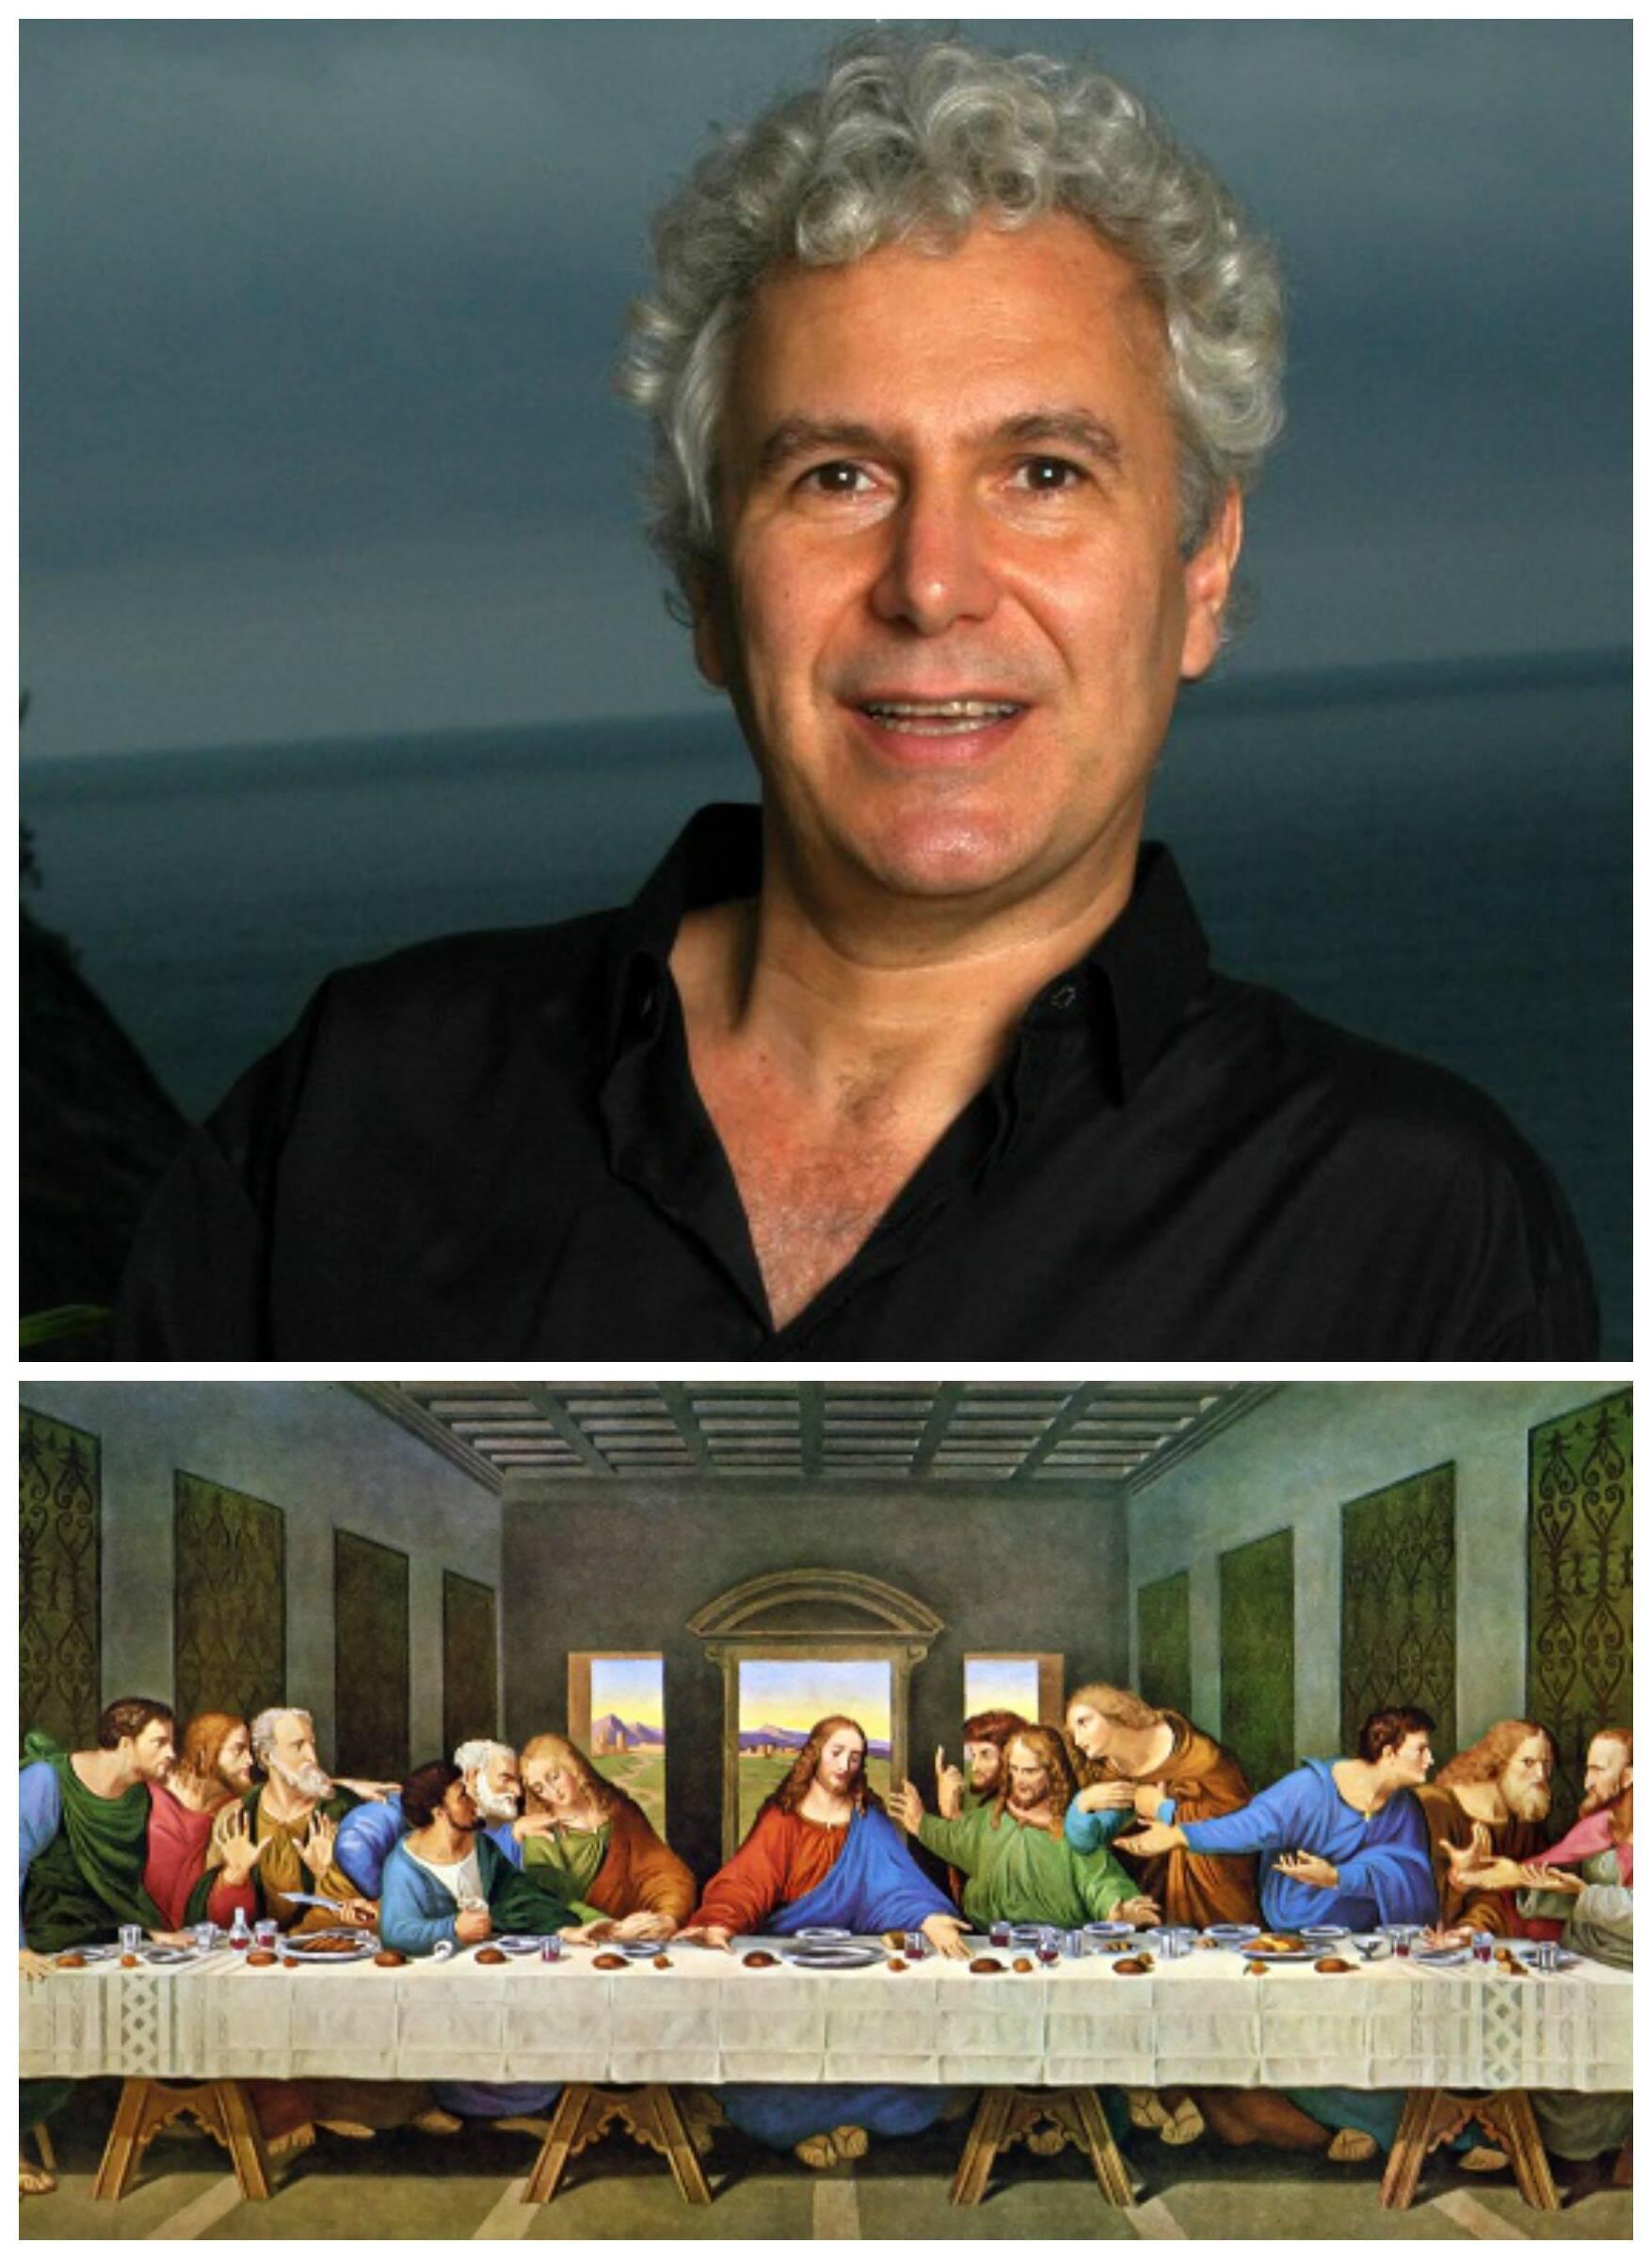 """Pedro Tornaghi, no alto, e o quadro """"A Última Ceia"""", de Leonardo da Vinci, objeto de estudo de seu livro/ Fotos: divulgação"""